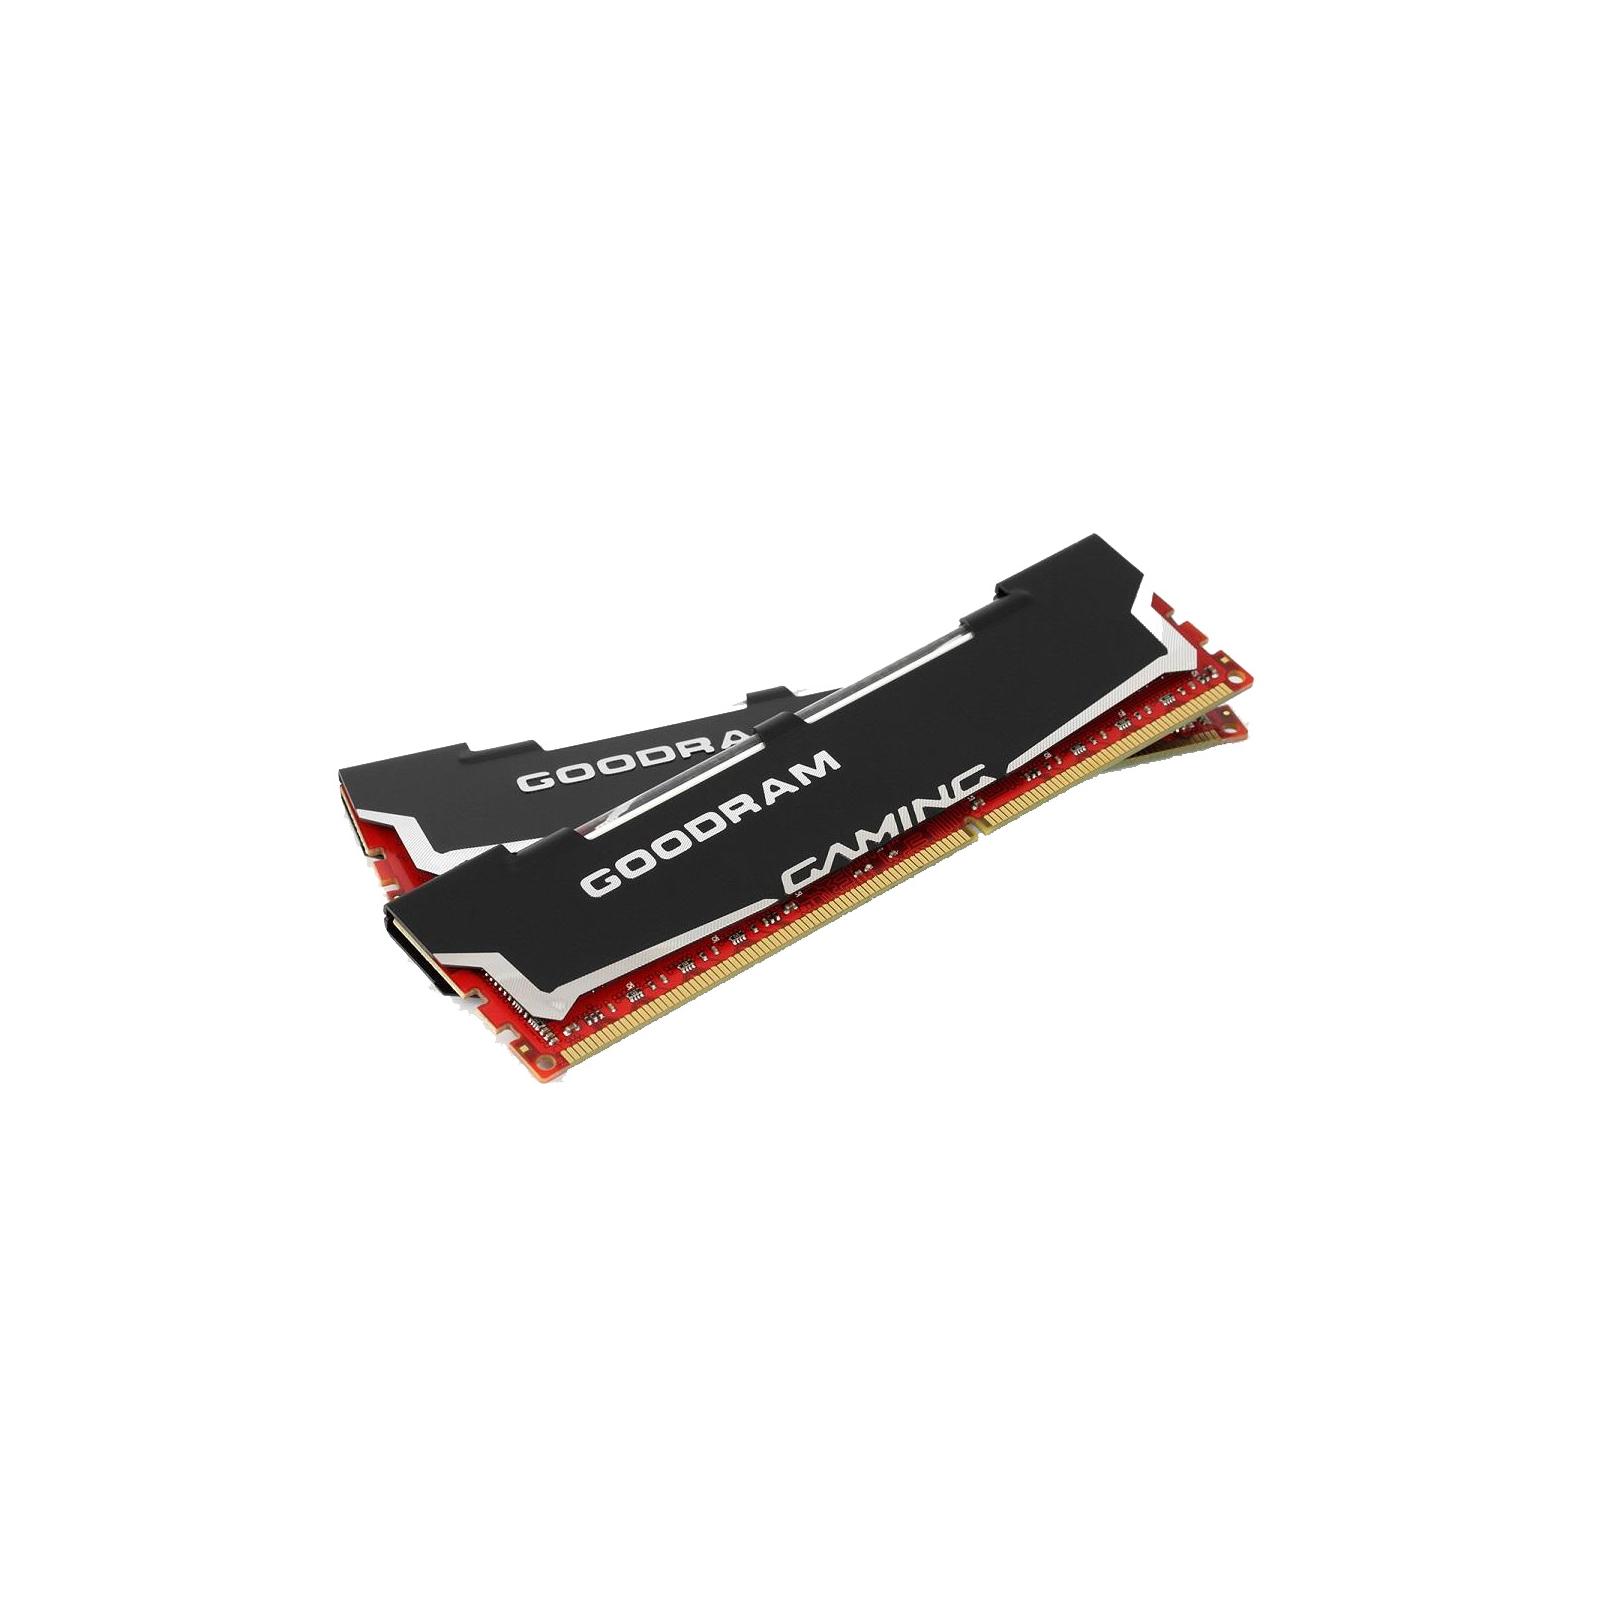 Модуль памяти для компьютера DDR3 16Gb (2x8GB) 1866 MHz Led Gaming GOODRAM (GL1866D364L10/16GDC) изображение 2